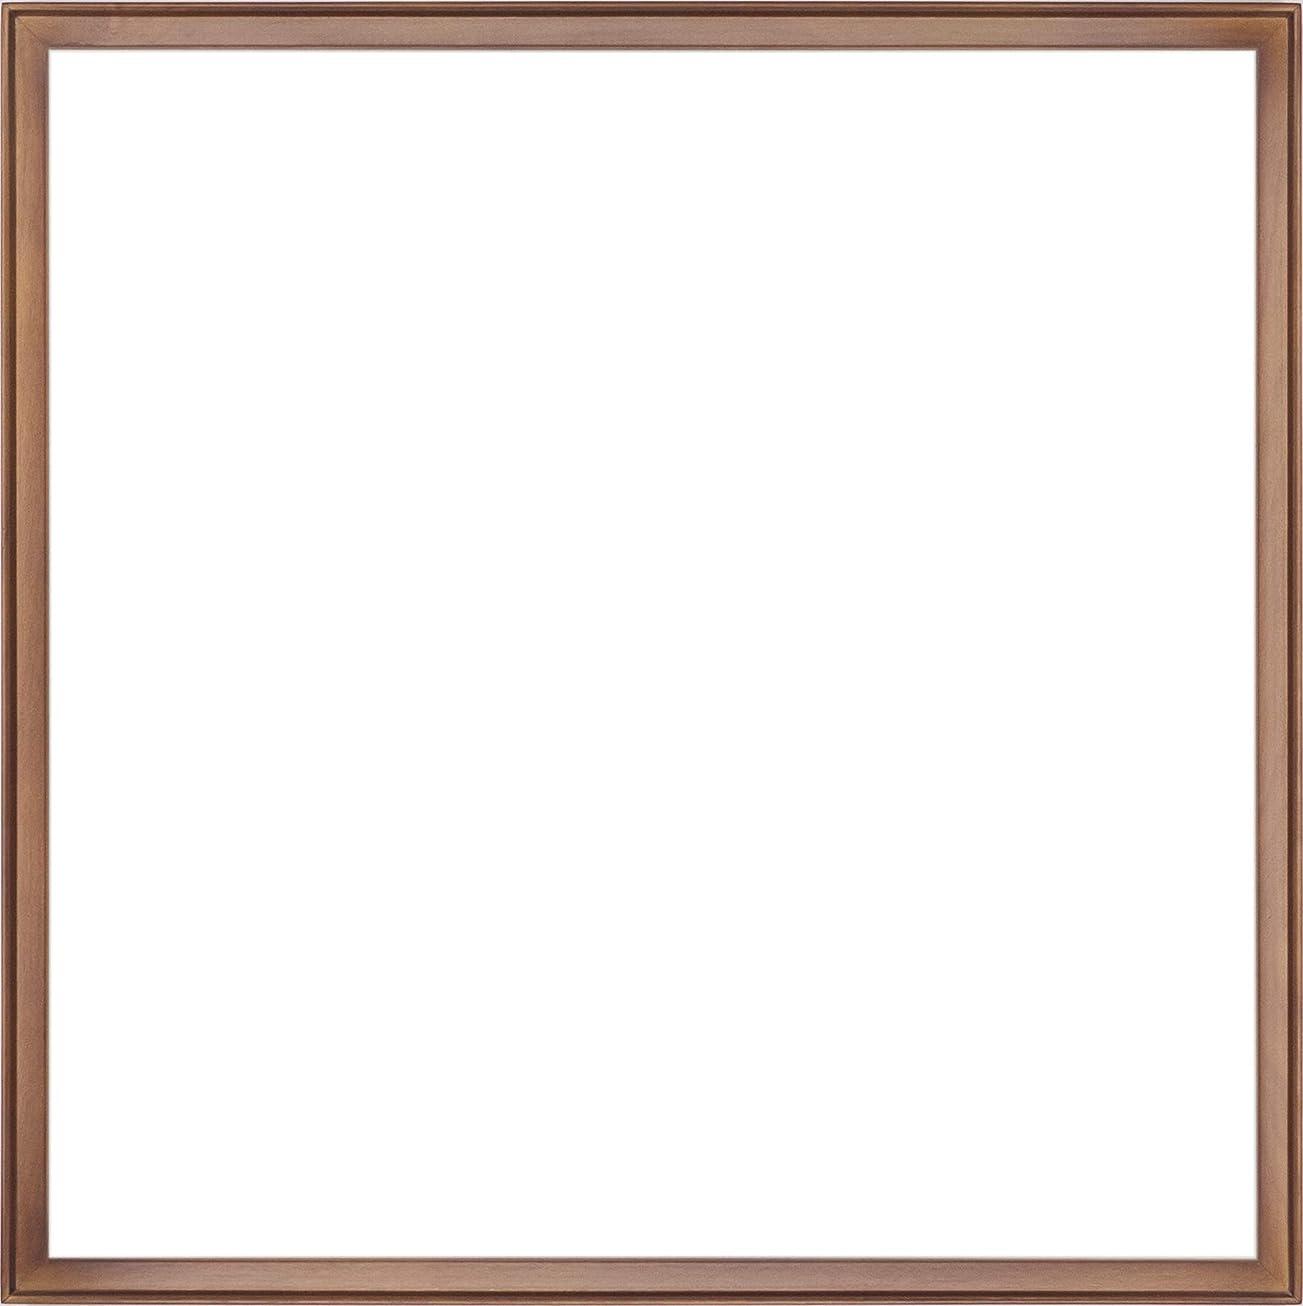 隔離敗北暫定の正方形額縁 P型 アクリル仕様 (ブラウン, 50角(500×500mm))